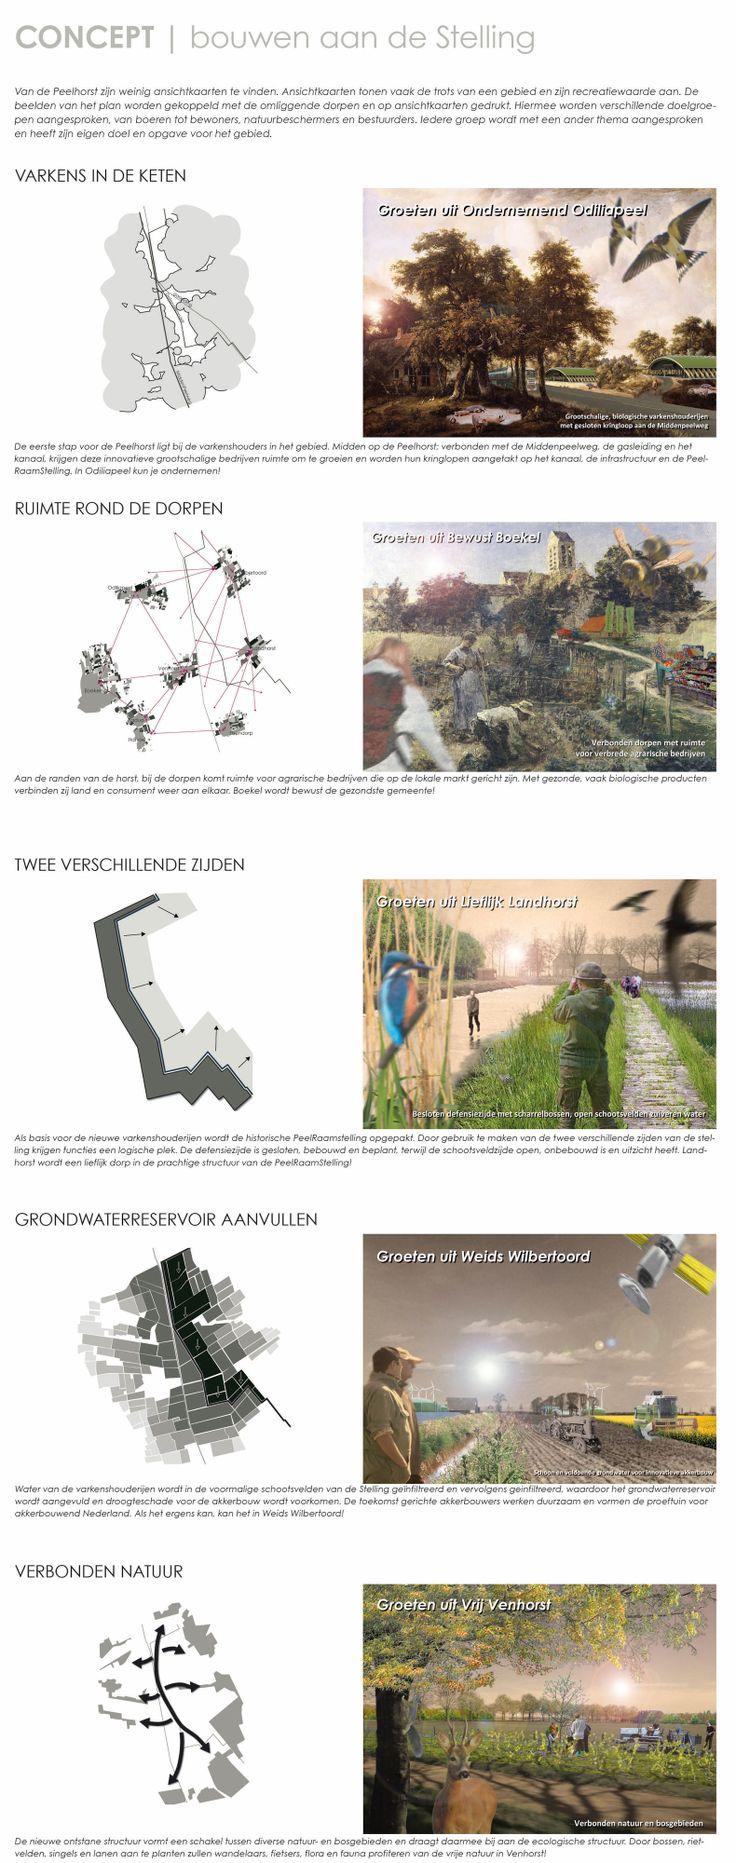 Go nuts! Ansichtkaarten voor de Peelhorst met de nieuwe plannen om de trots van de bewoners aan te spreken.